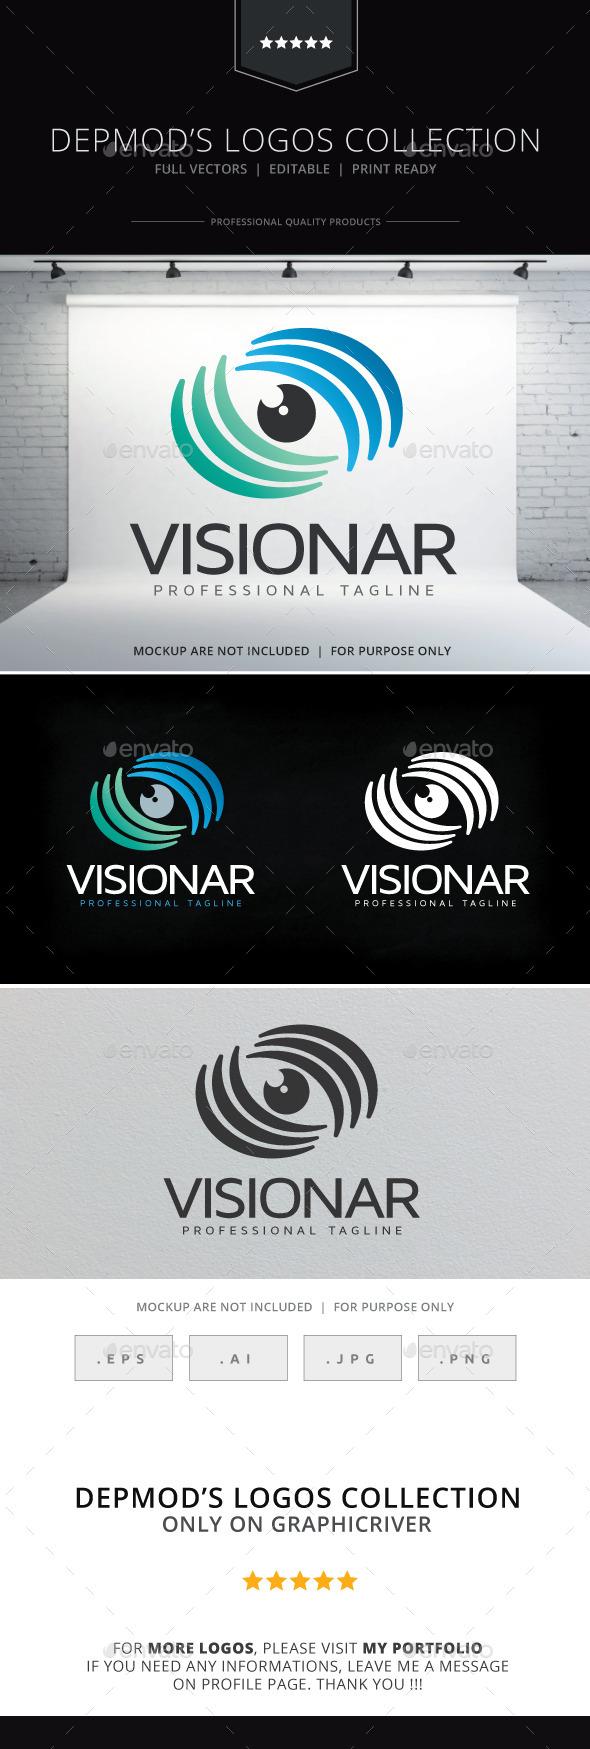 GraphicRiver Visionar Logo 10560669